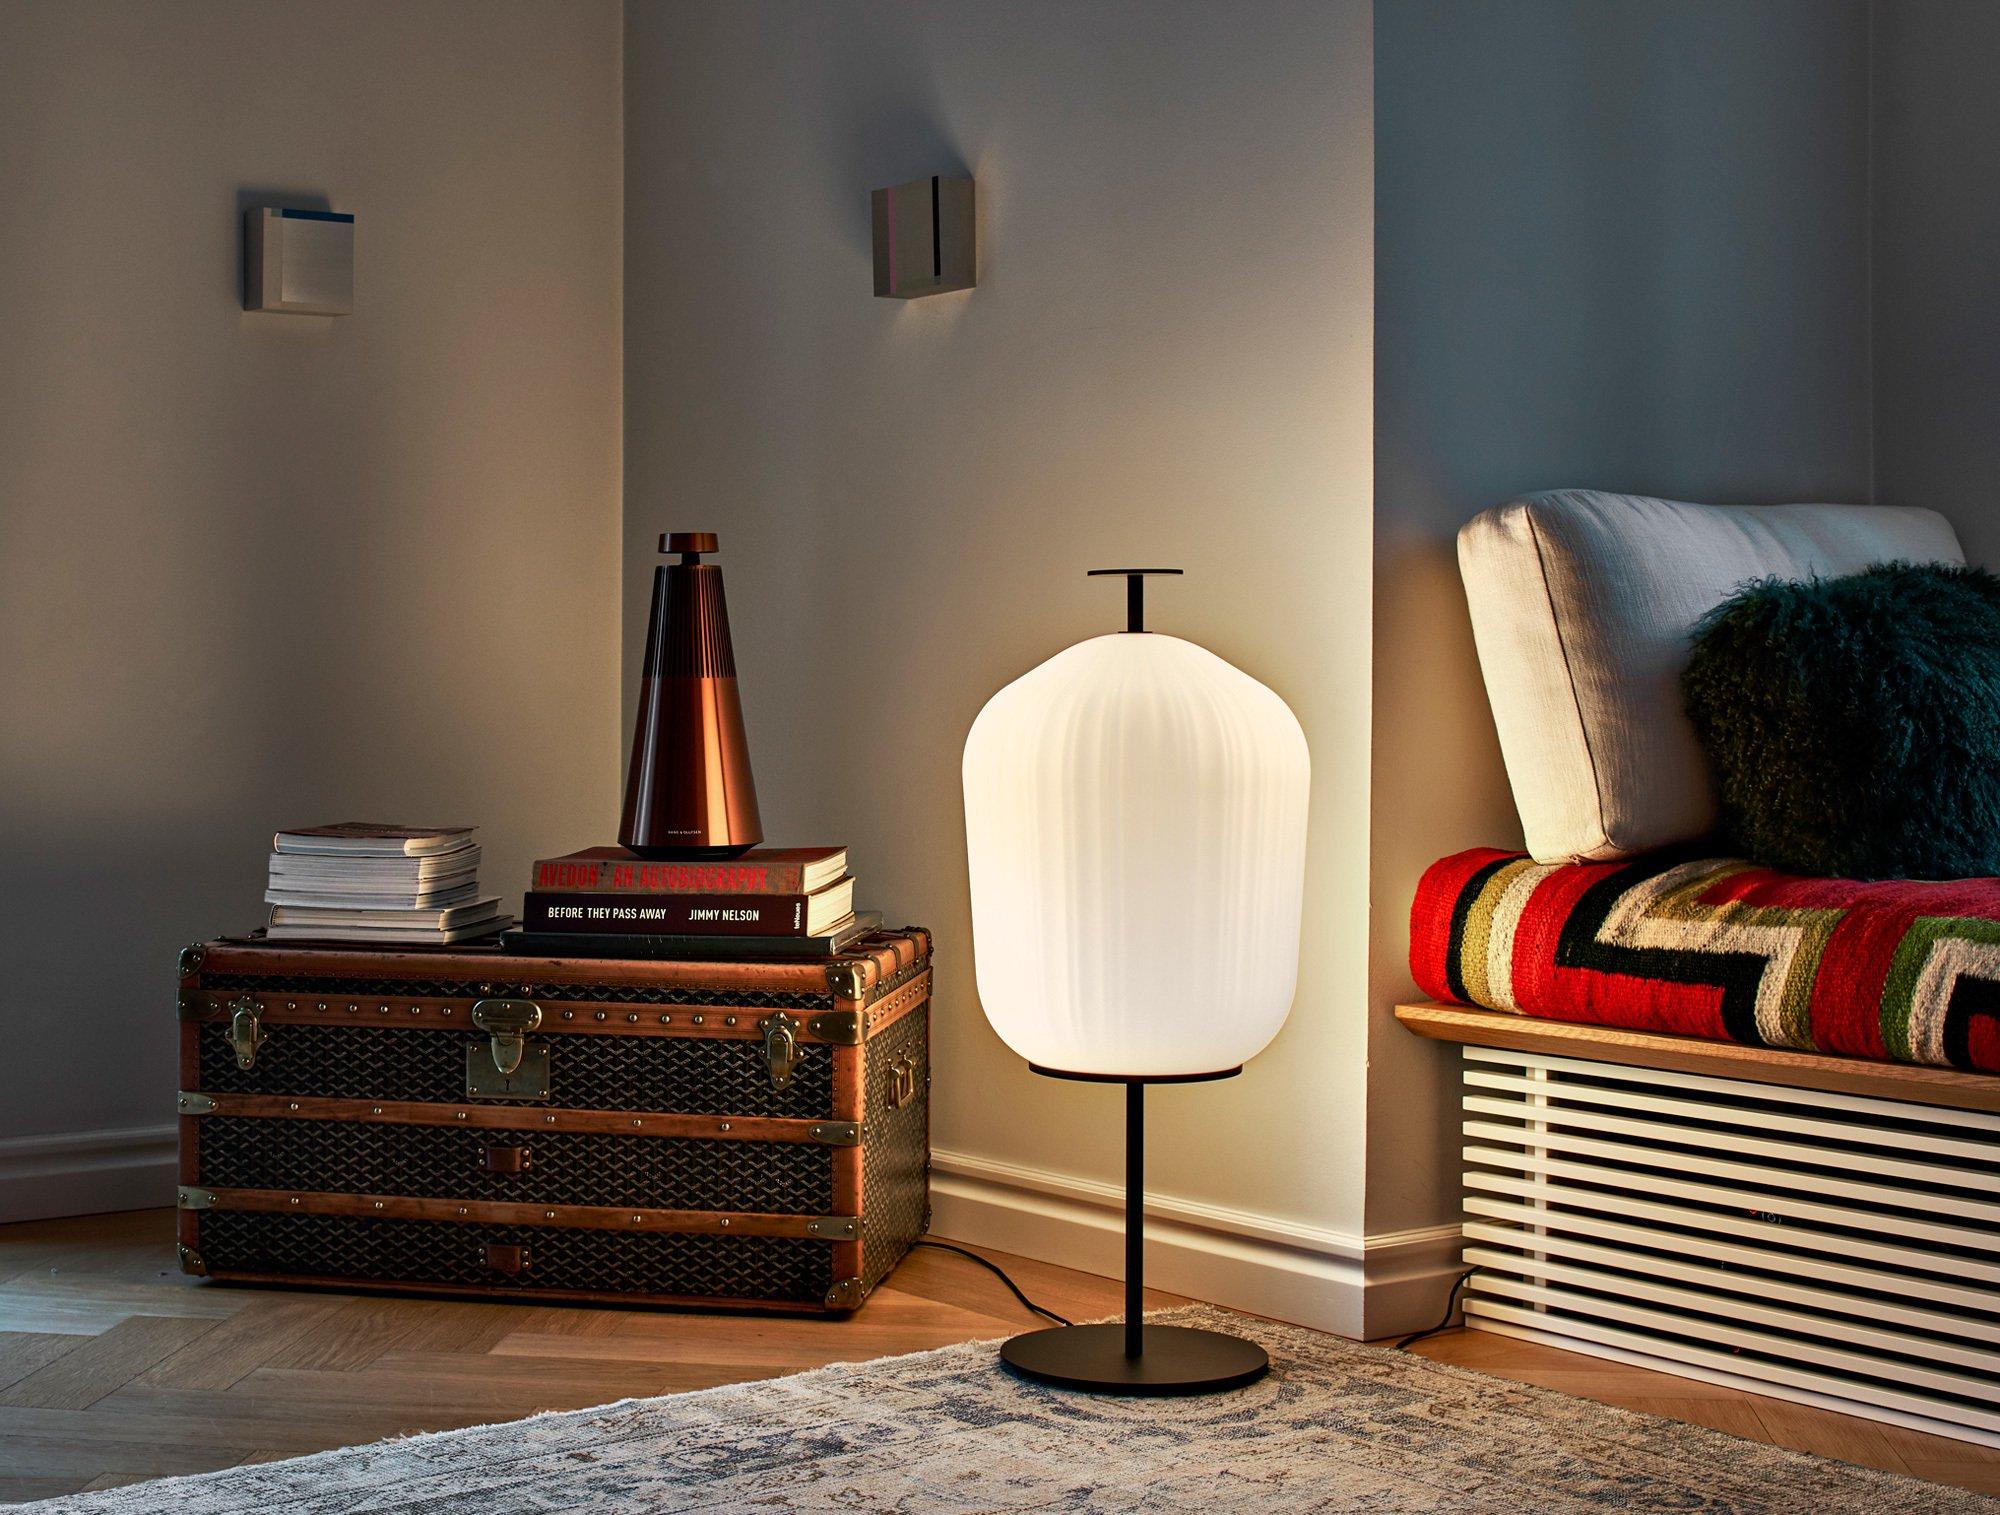 Plissée ist eine Tischleuchte mit einem wellenförmigen Lampenschirm, den Sebastian Herkner für Classicon entworfen hat. Der Schirm wird in Italien in eine Metallform geblasen. Foto/ Copyright: Elias Hassos